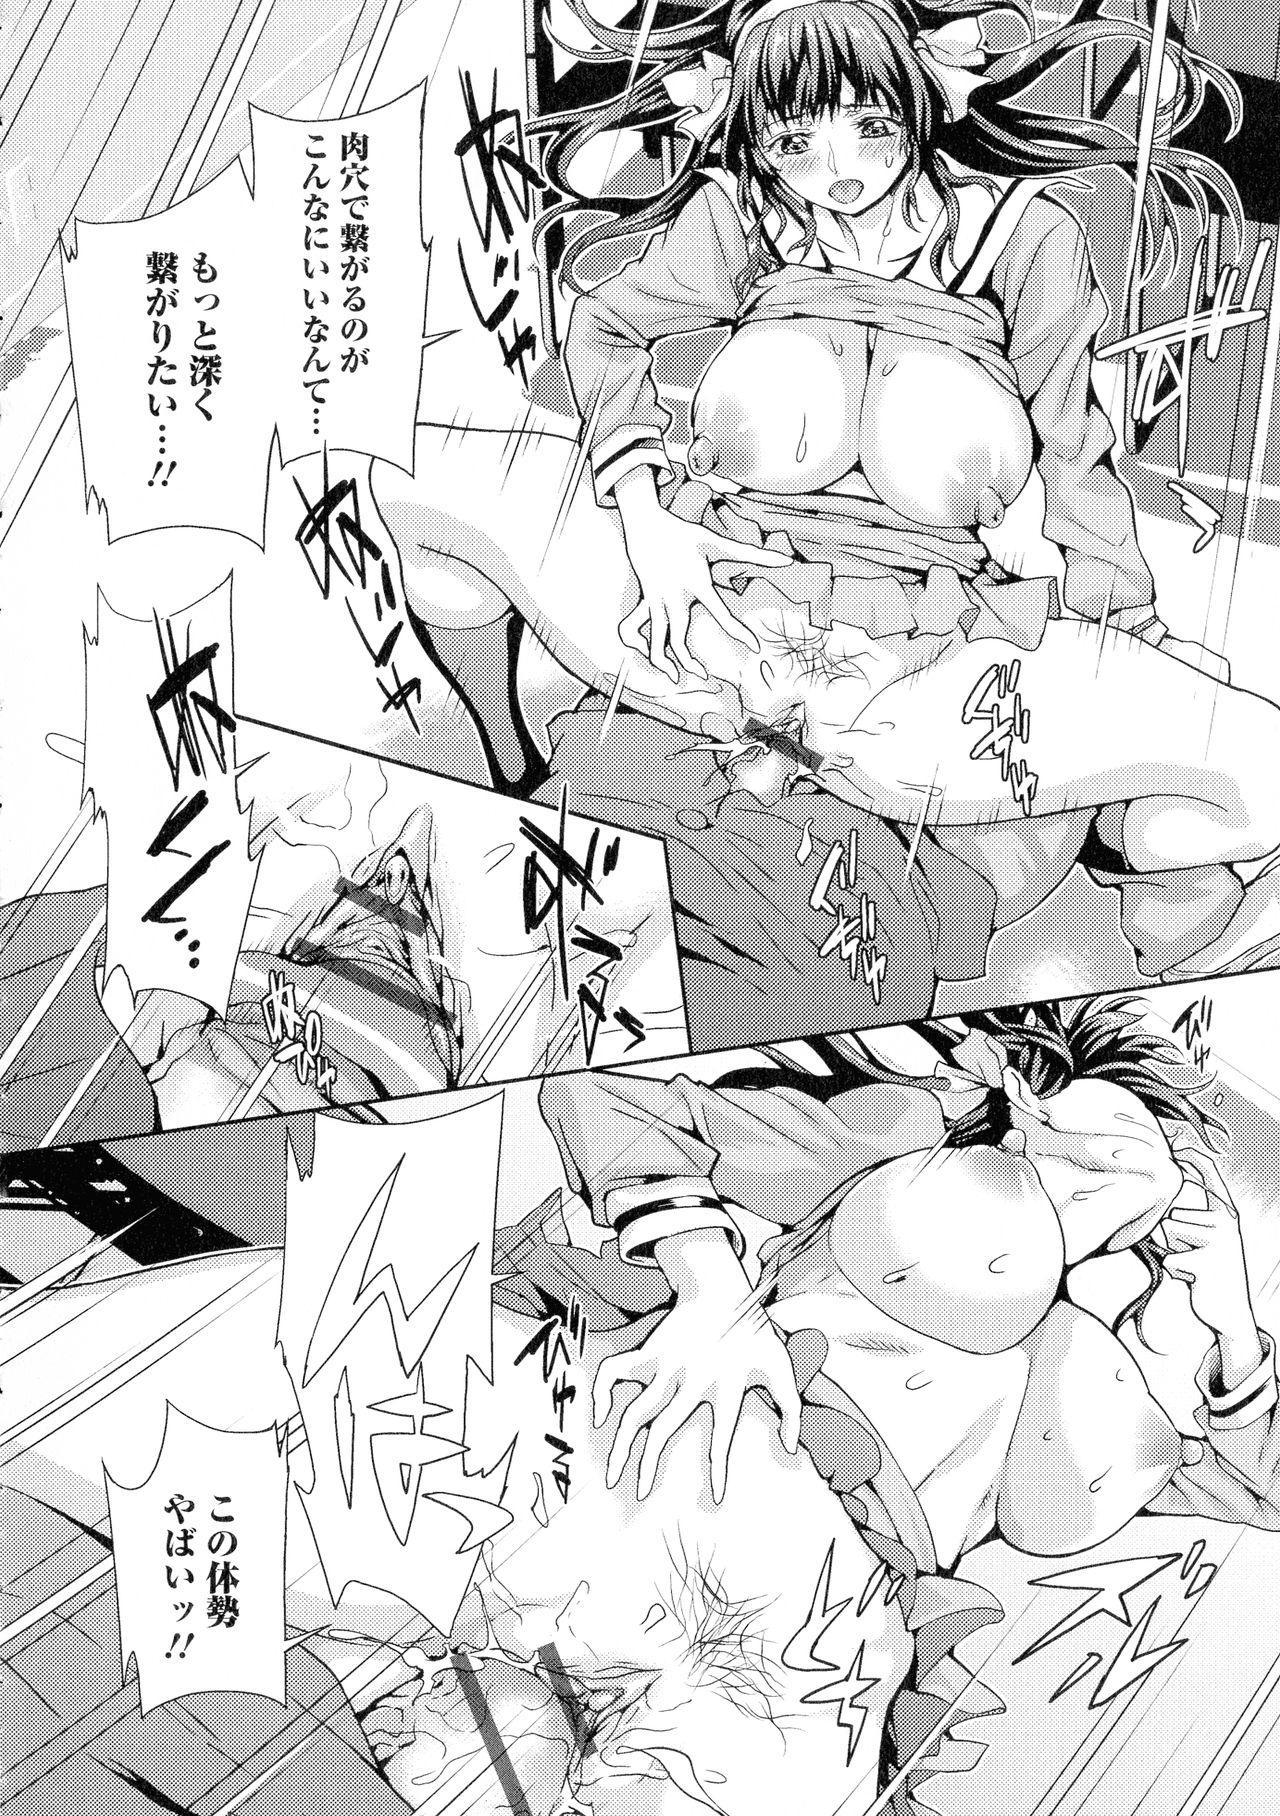 Futanari Tsunagari - Androgynos Sexual intercourse 124